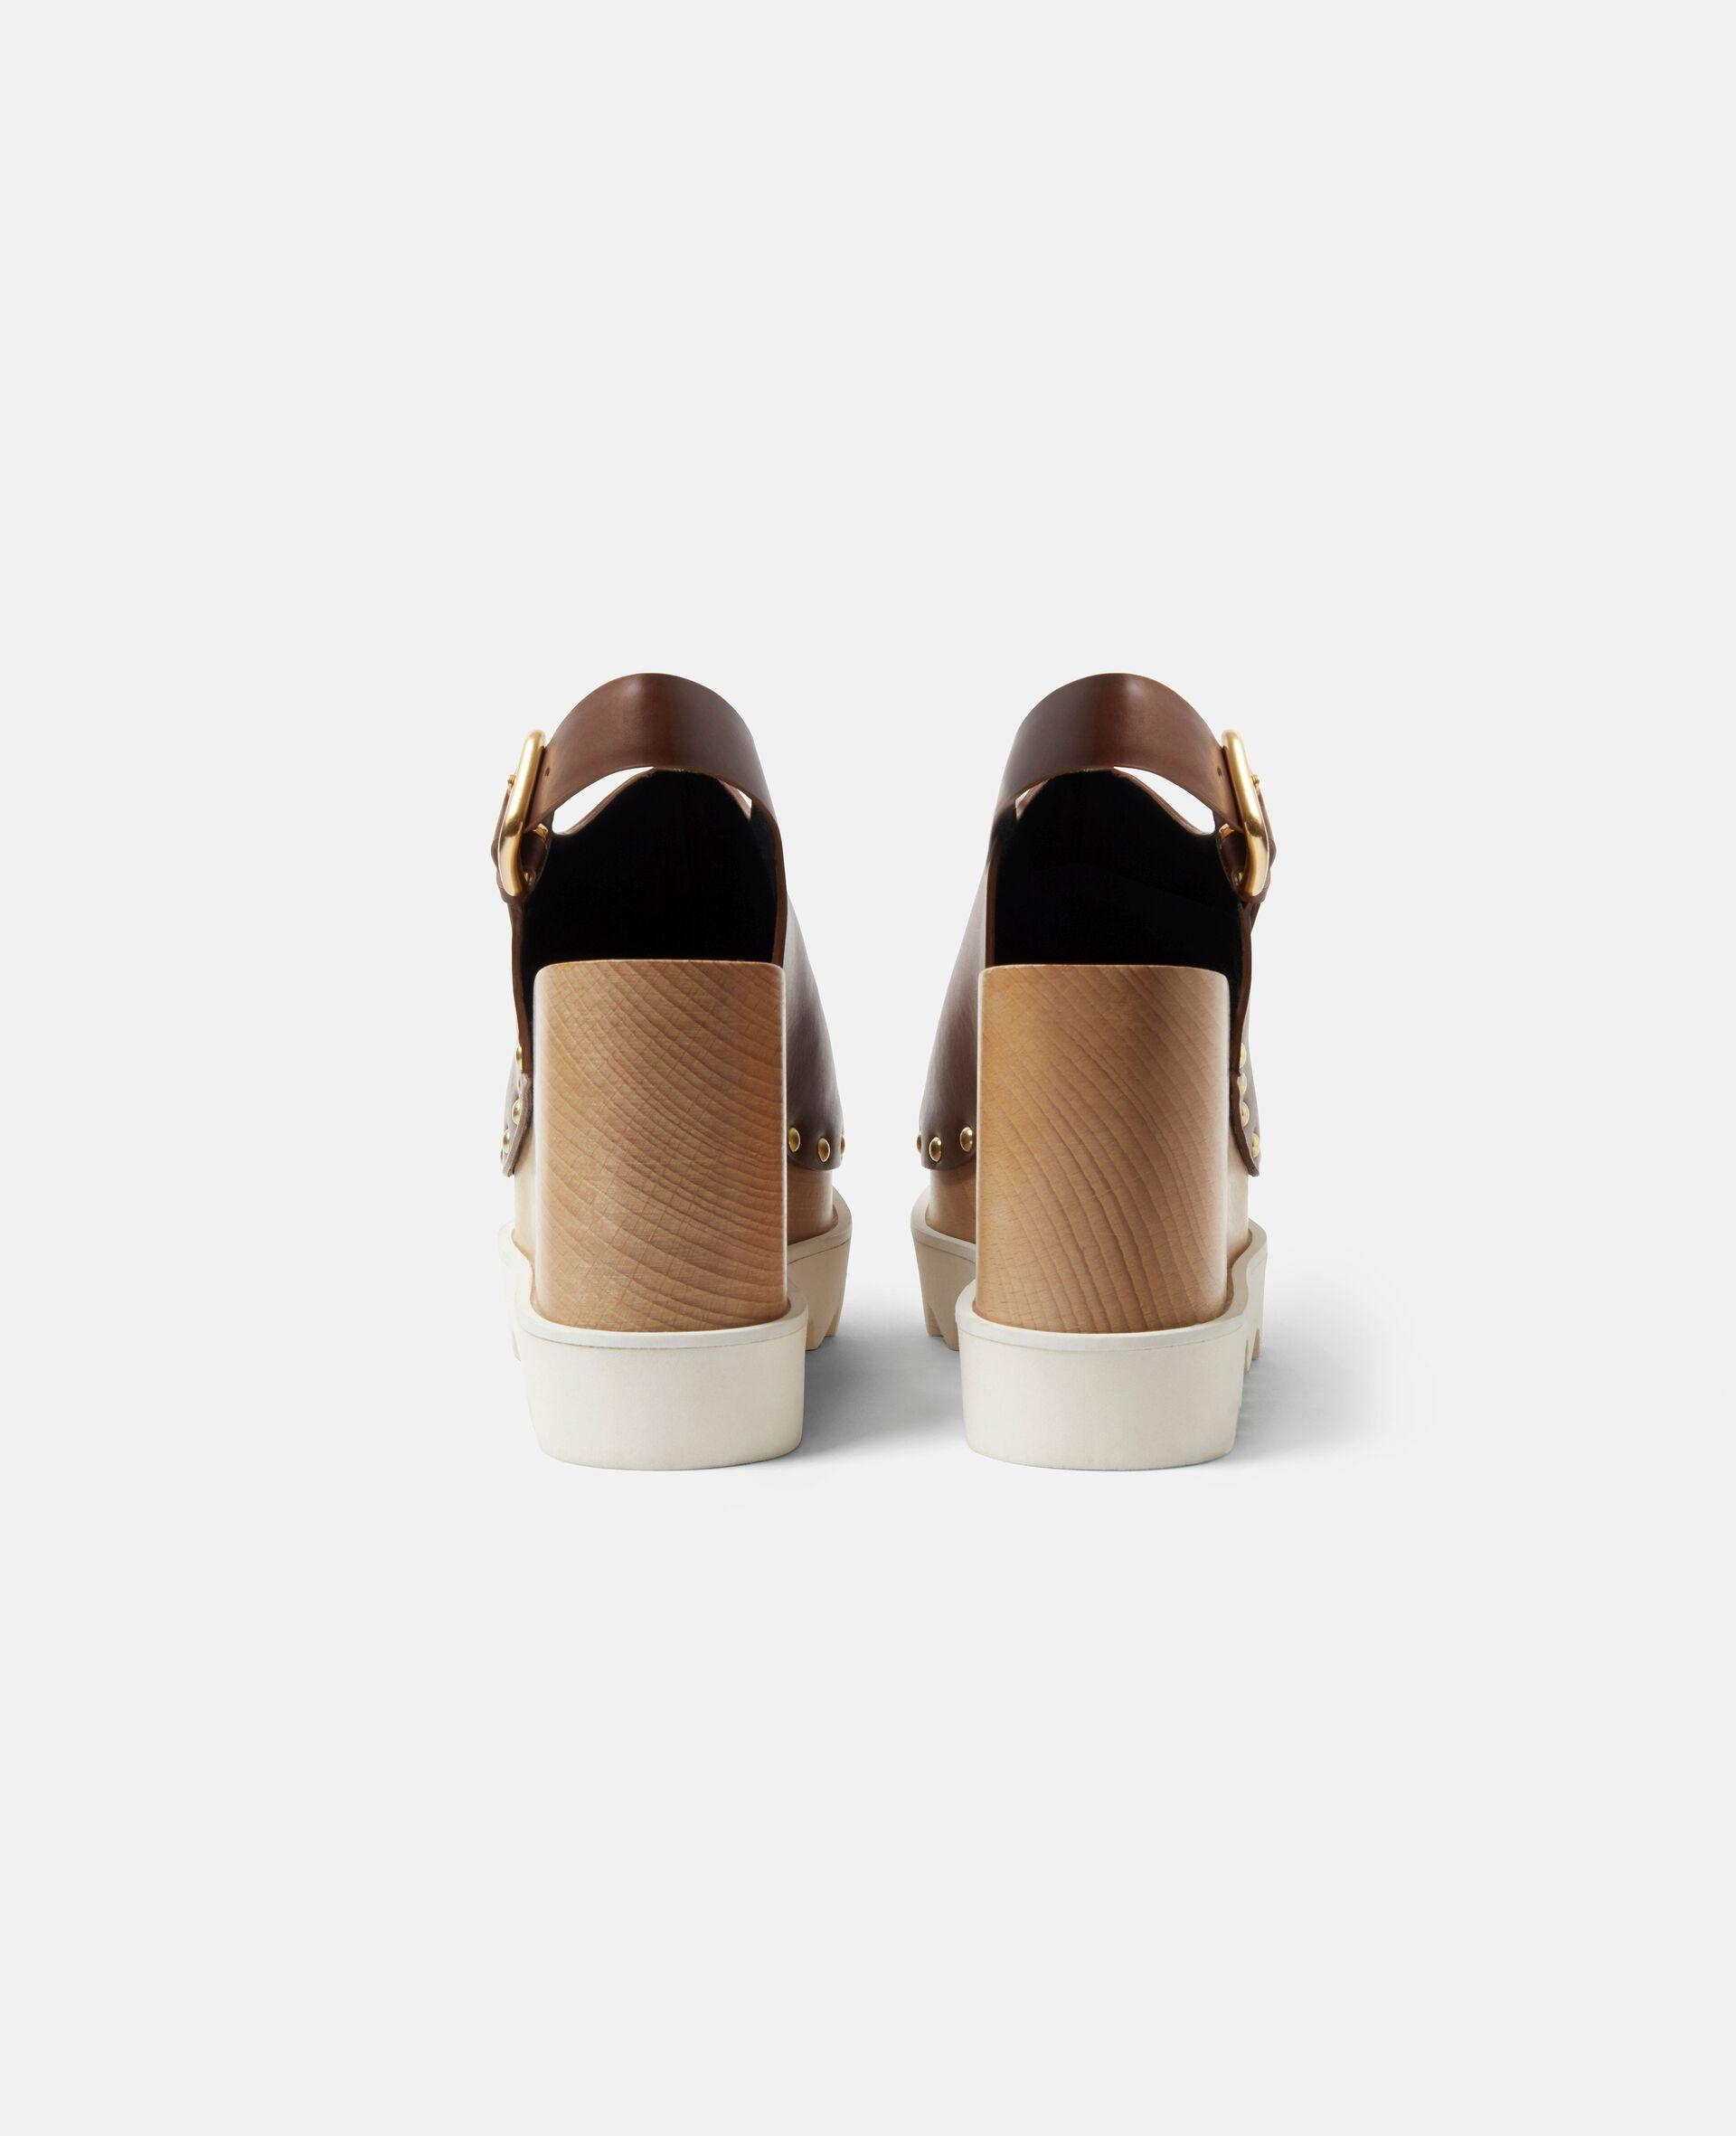 Elyse Stud Hardware Sandals-Brown-large image number 2